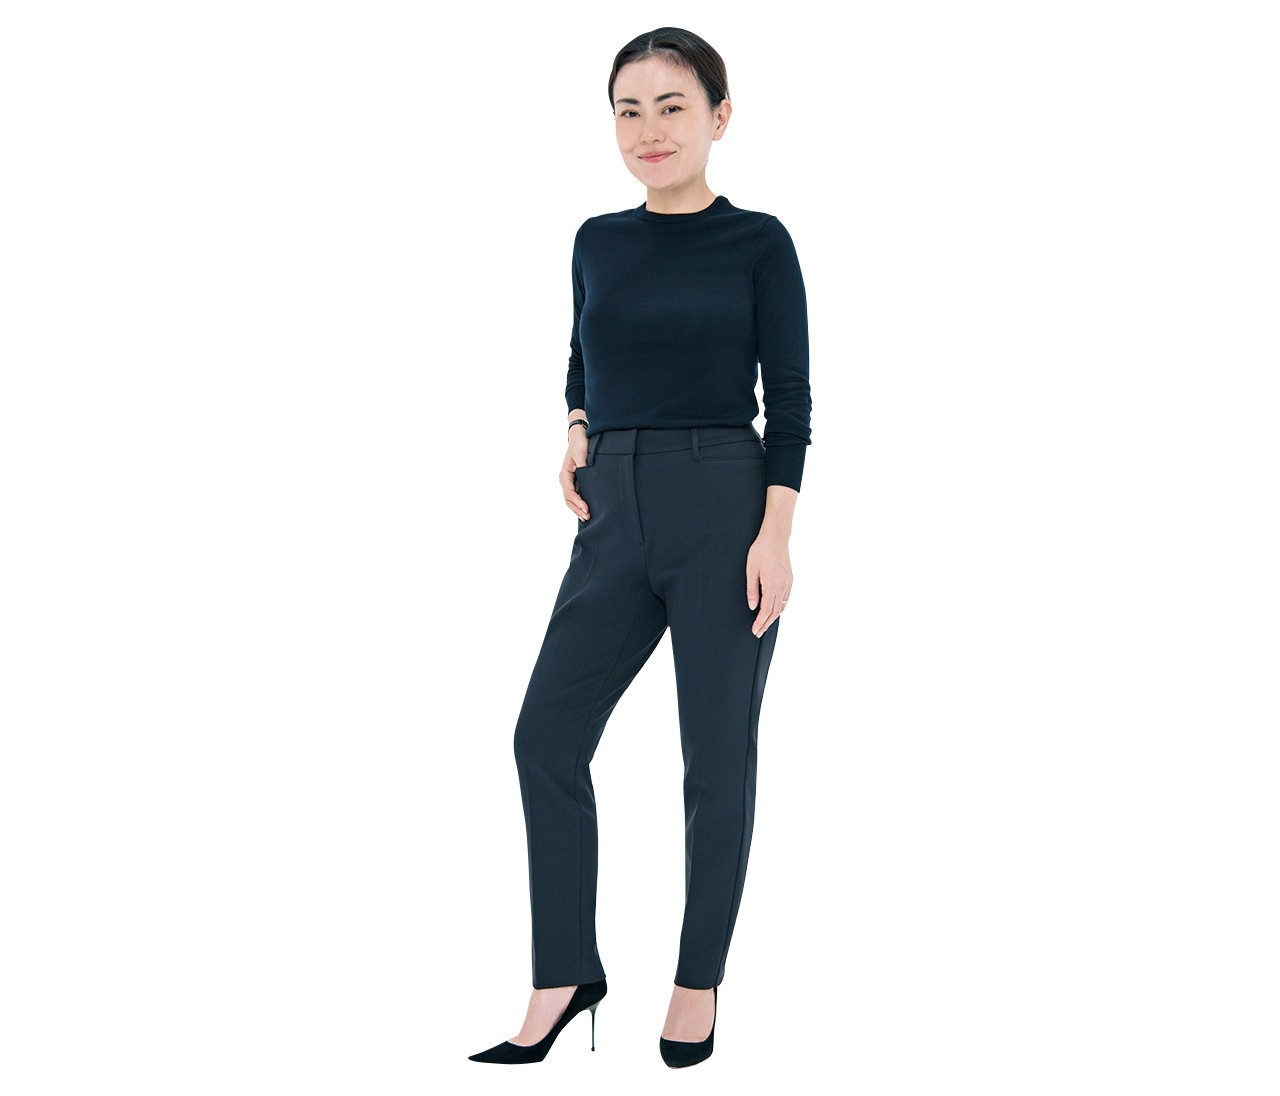 【整形級パンツ】身長156cm小柄女子のリアルすぎるパンツ選び